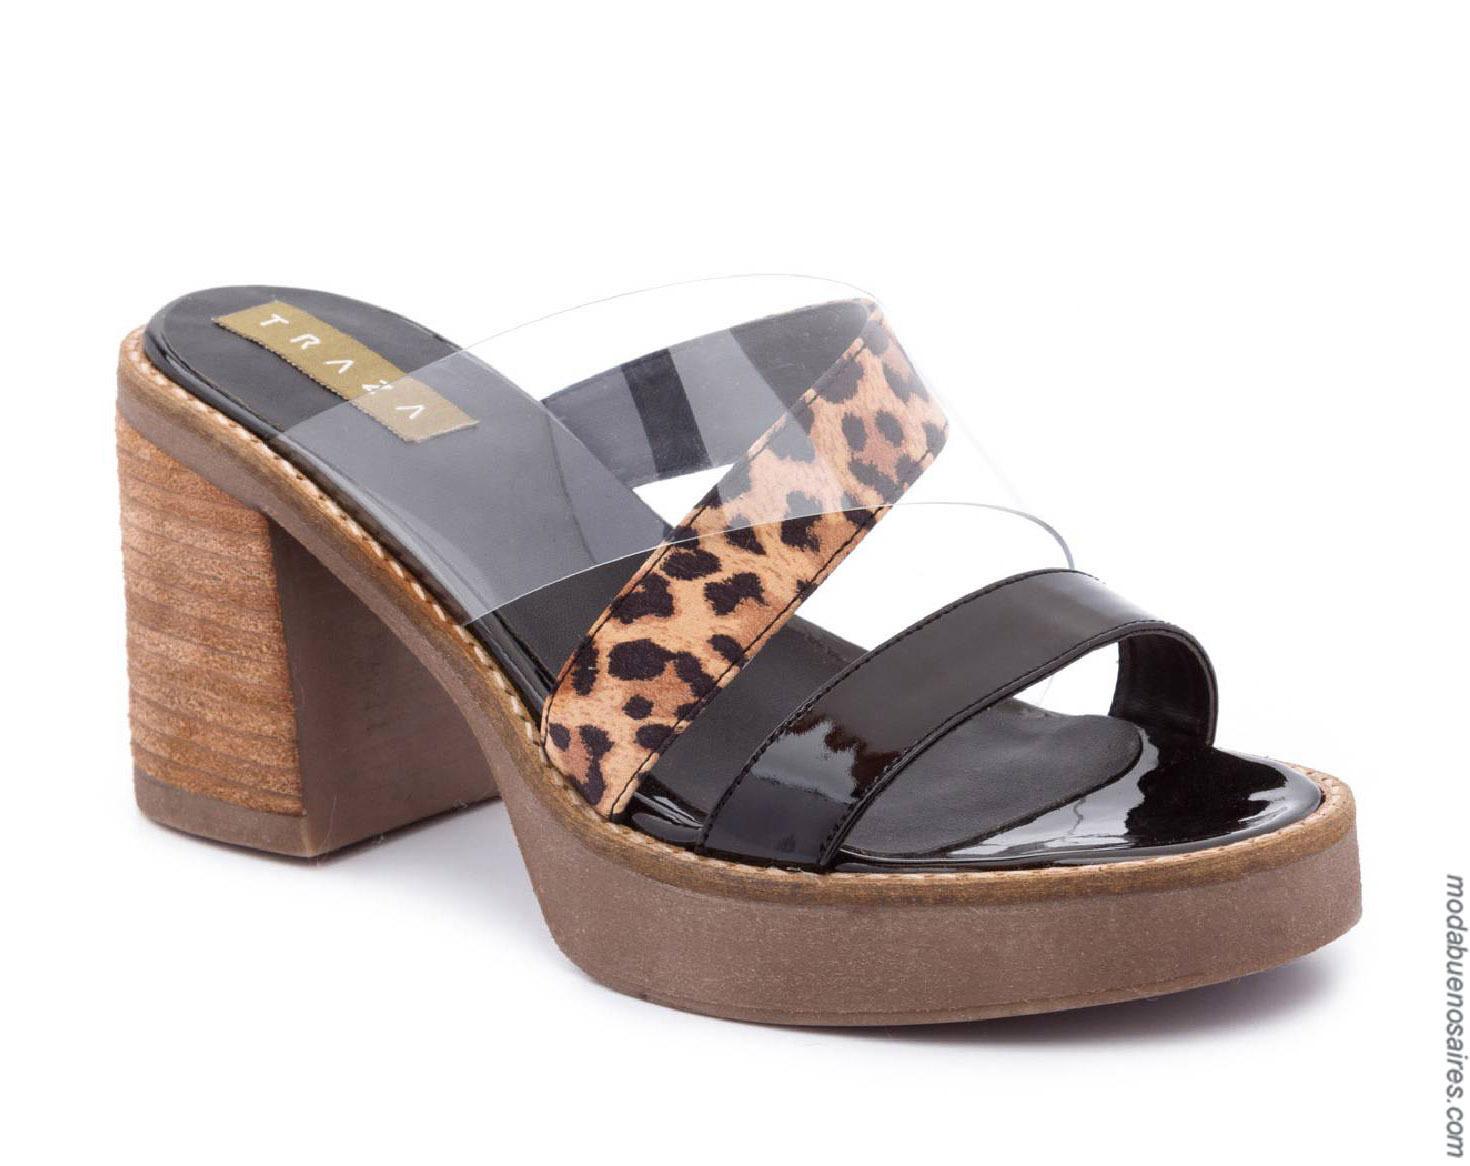 Sandalias primavera verano 2020 moda calzado femenino primavera verano 2020.